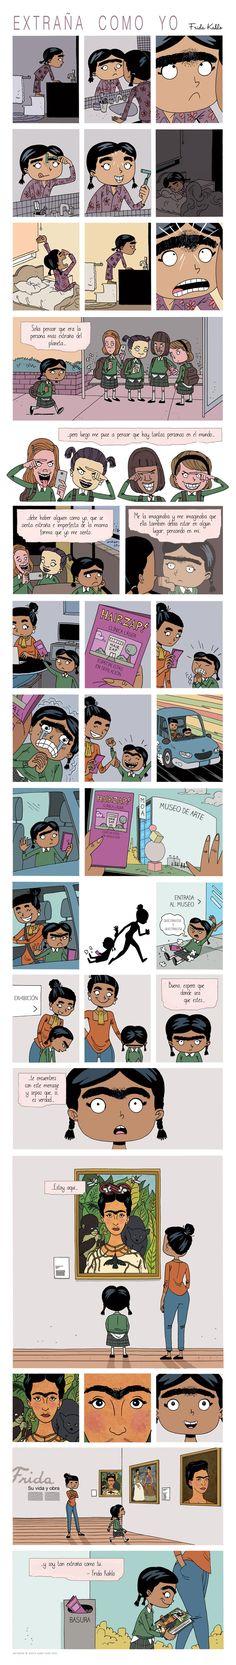 Este cómic de Frida Kahlo te recordará que ser diferente es genial.